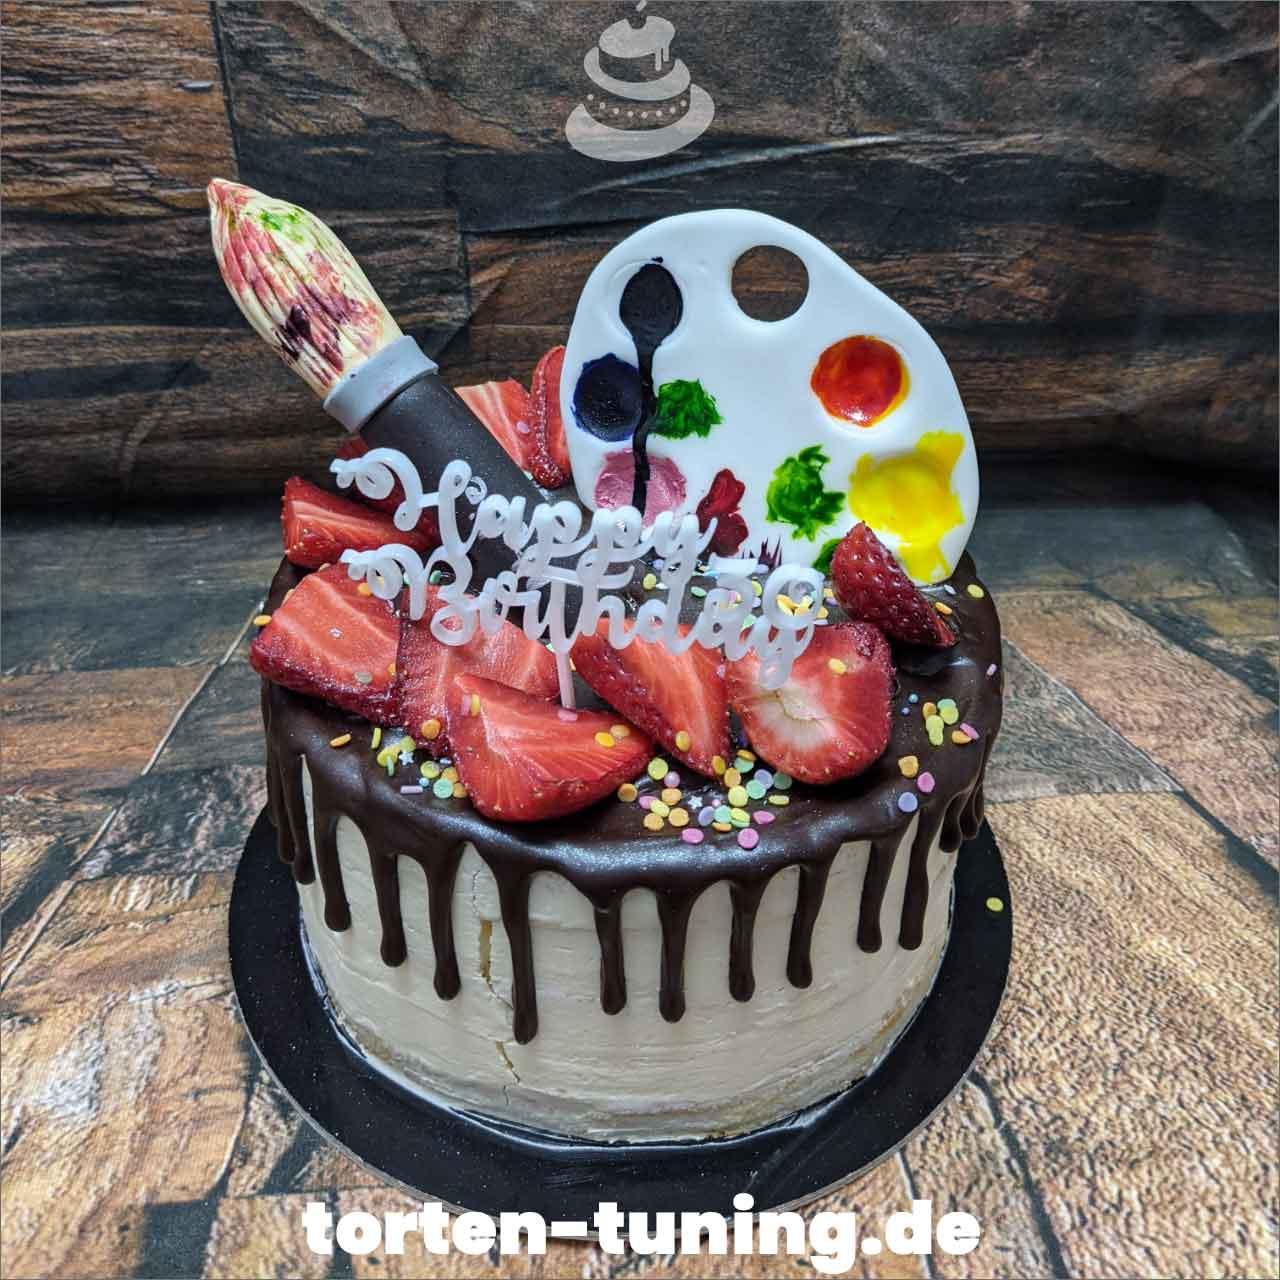 Künstlertorte Pinsel Palette Dripcake Obsttorte Geburtstagstorte Motivtorte Torte Tortendekoration Torte online bestellen Suhl Thüringen Torten Tuning Sahnetorte Tortenfiguren Cake Topper